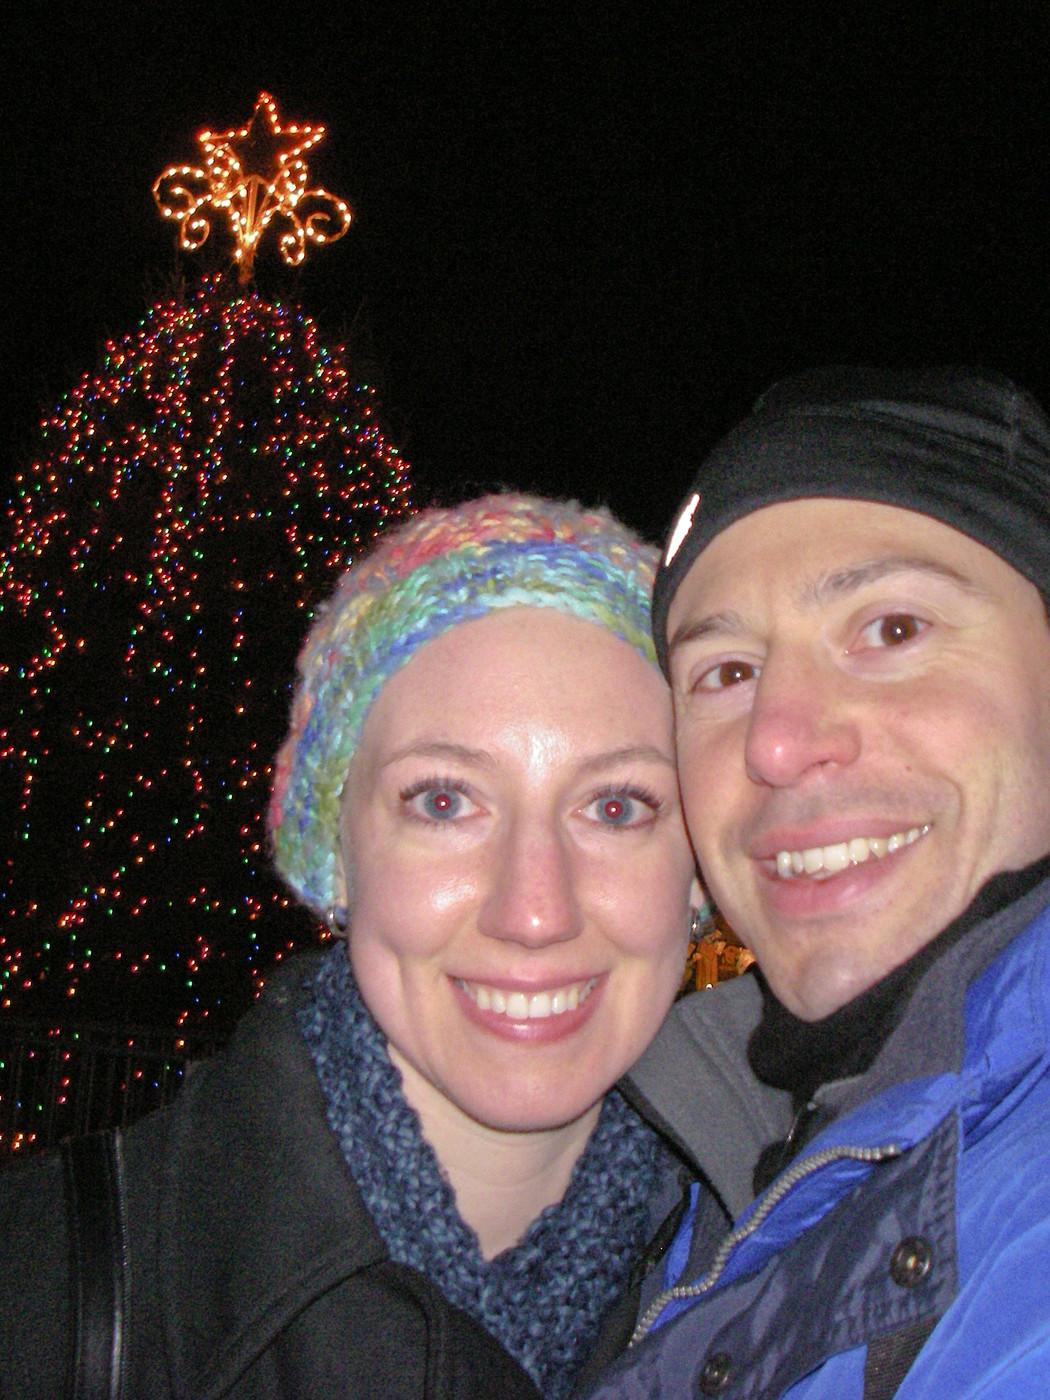 Erik & Anna at Stamford Xmas Tree 2010